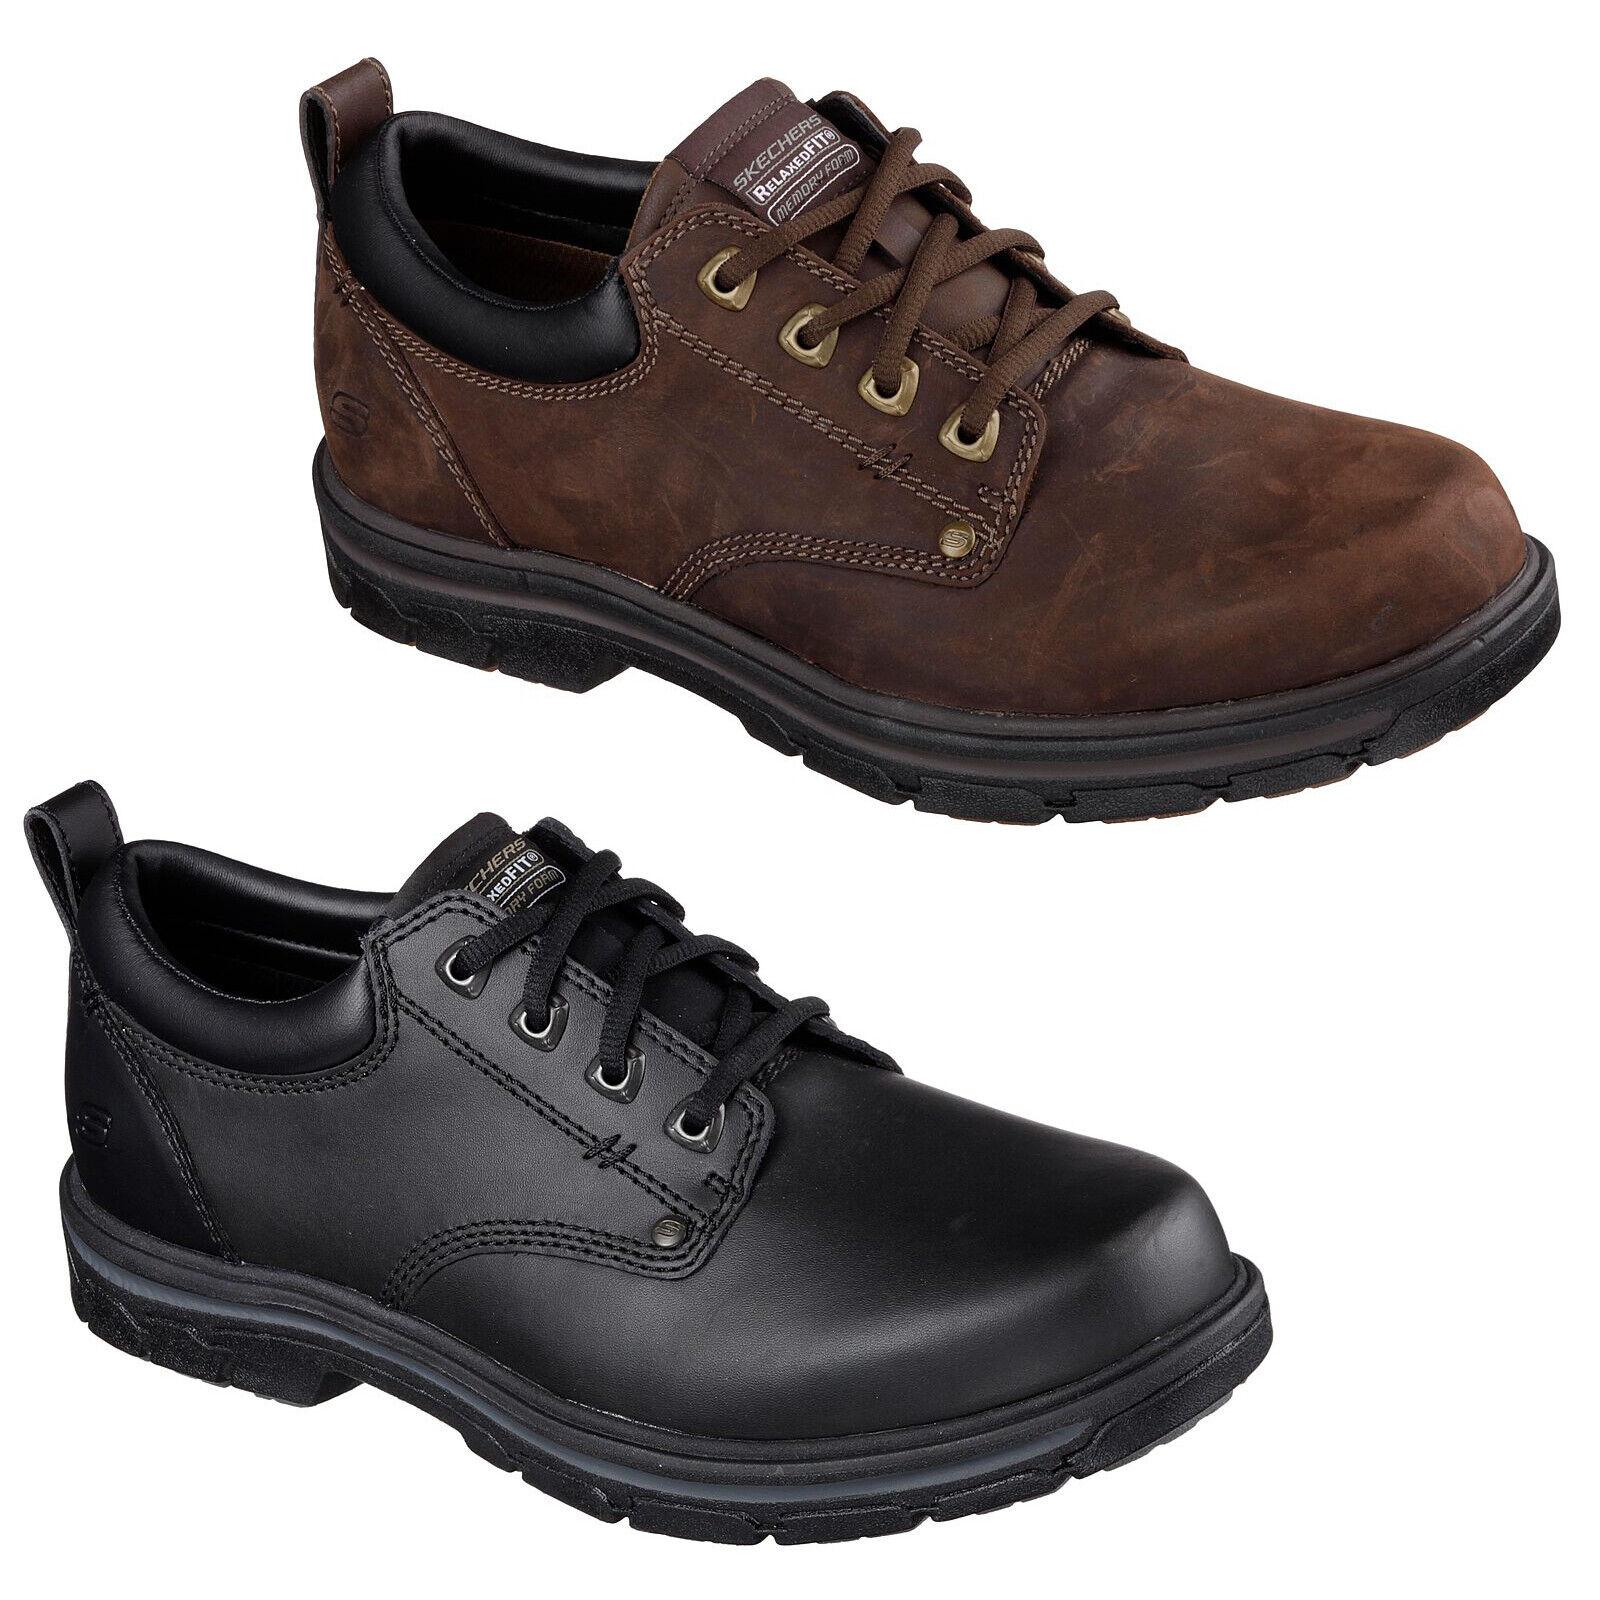 Skechers sueltas  calzado púrpurar, correas de cuero masculinas, Oxford 64.260